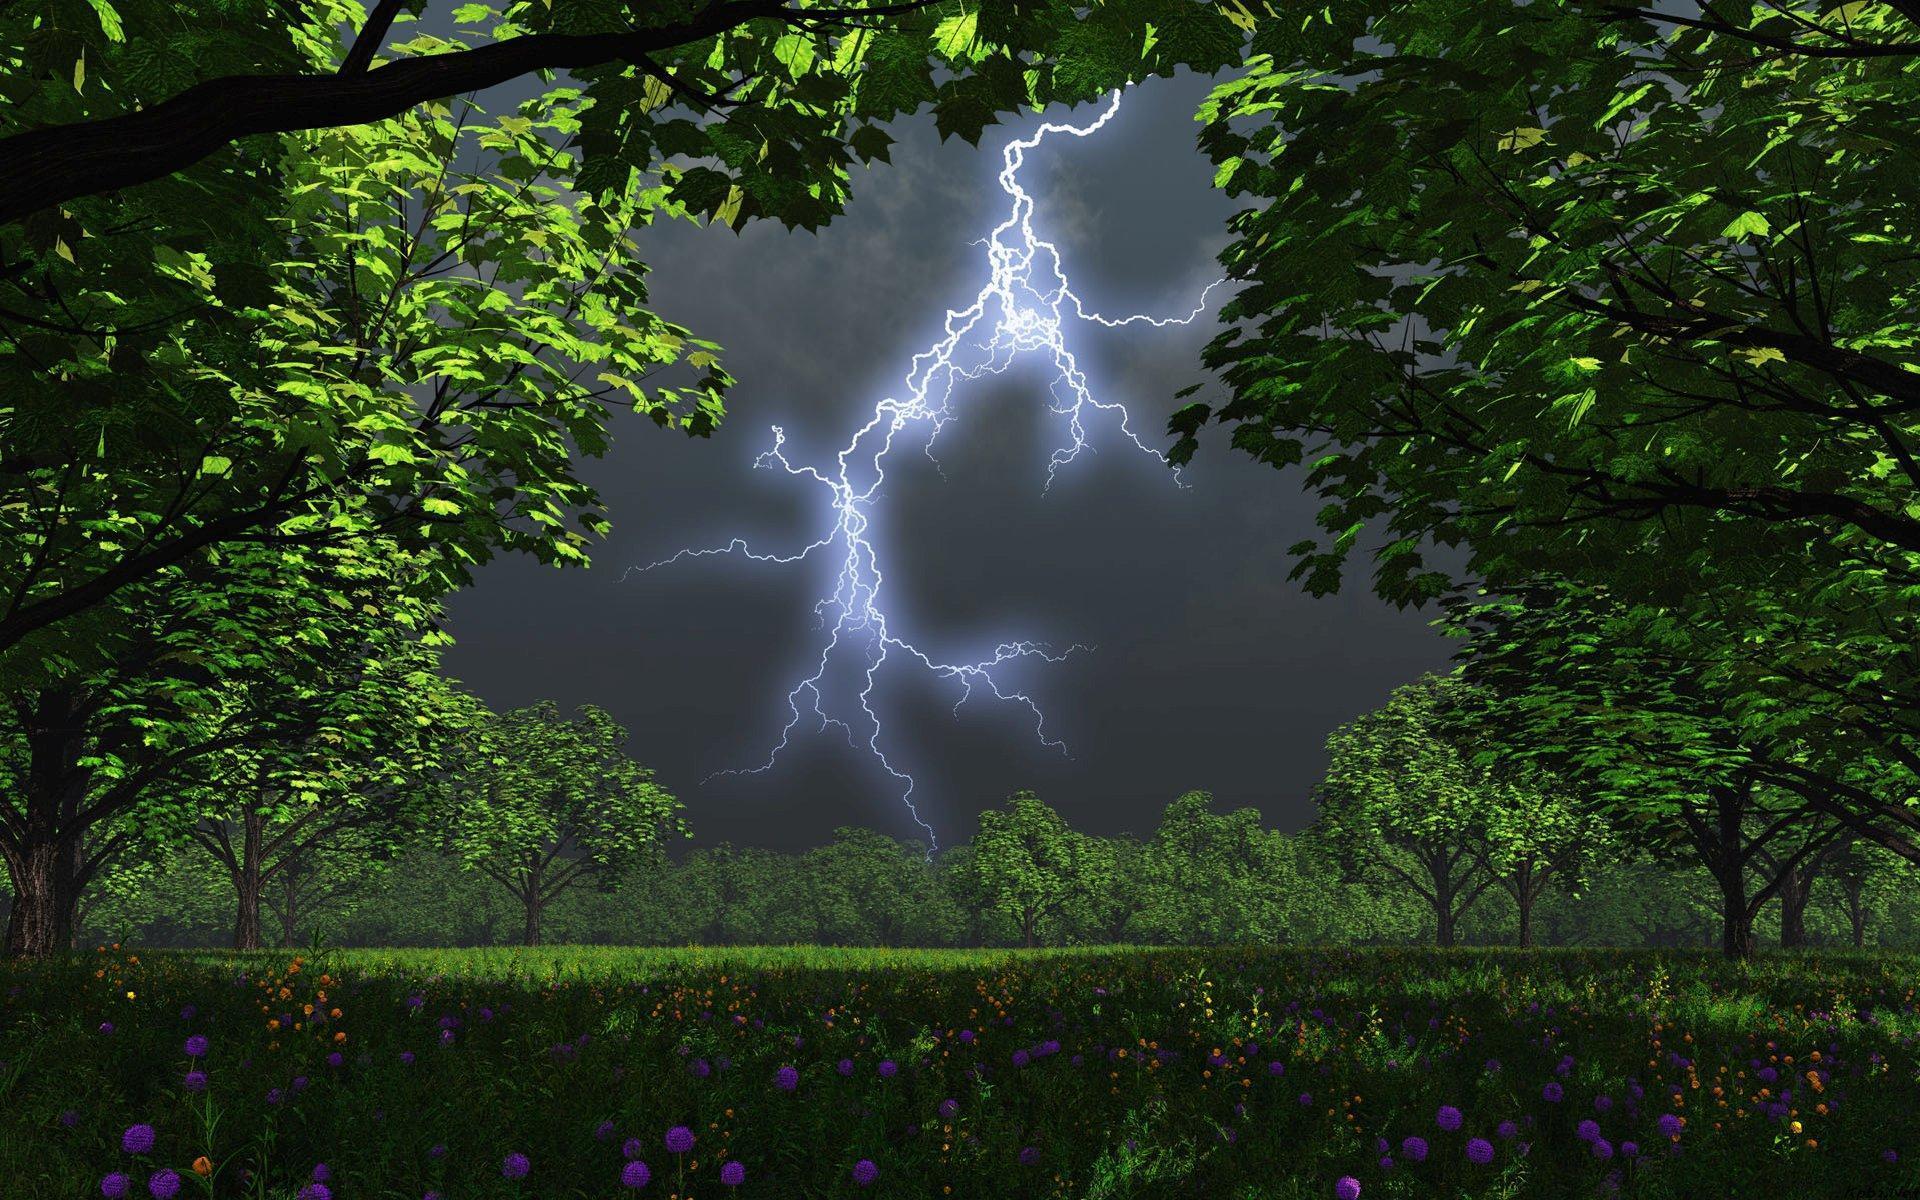 картинки грома и дождя обматывают